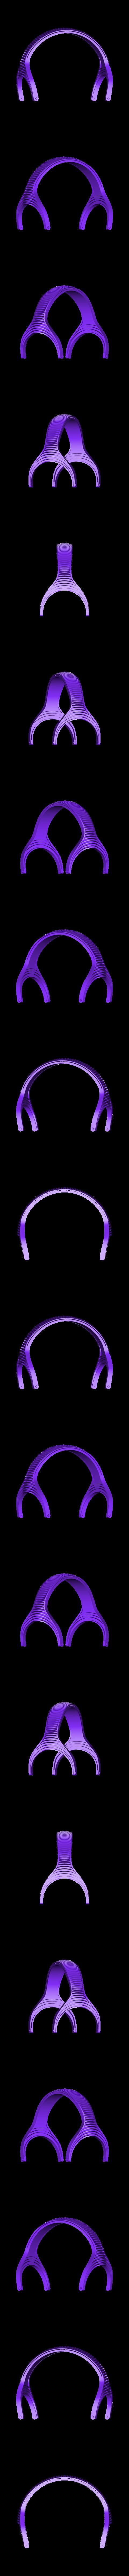 HeadphoneBand.STL Télécharger fichier STL gratuit Bandeau de rechange Beyer Dynamic DT-770 • Design pour imprimante 3D, Minnarrra